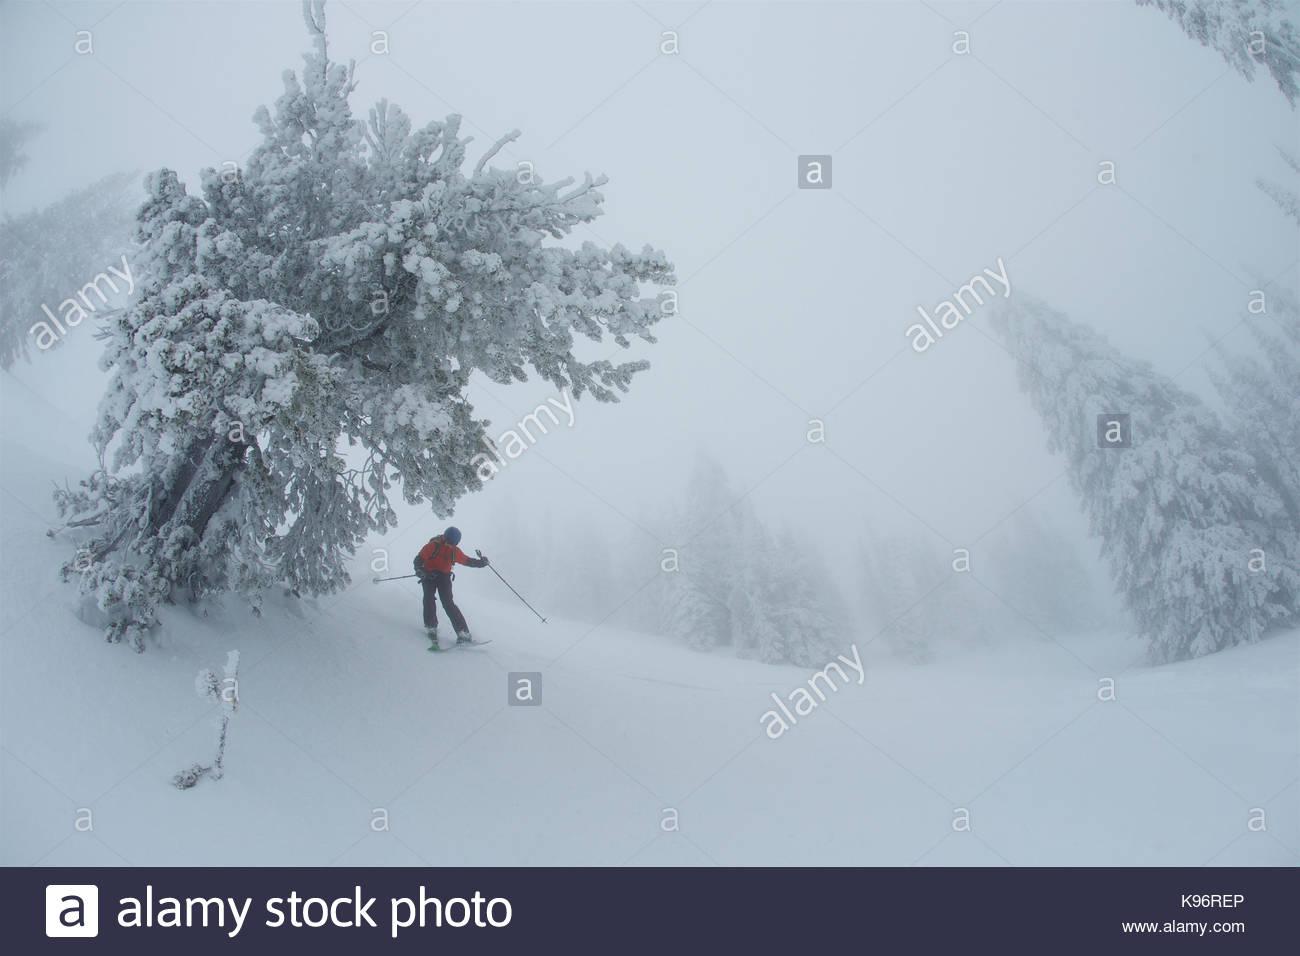 Ein jugendlich Junge Skifahren in nebligen, whiteout Bedingungen in der Nähe von Rauhreif bedeckt Koniferen. Stockbild